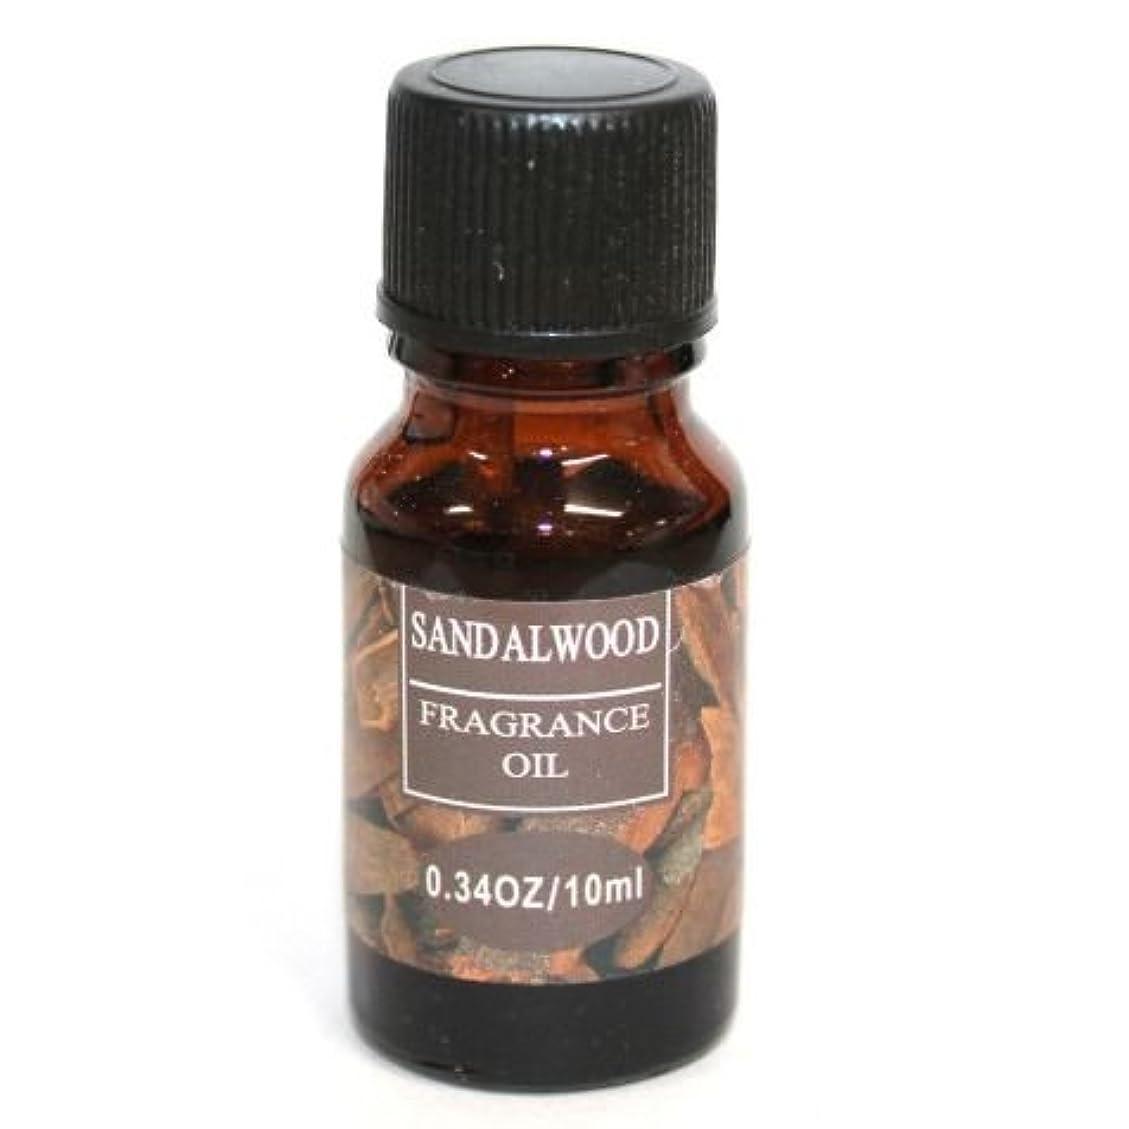 タイル以降ヘビRELAXING アロマオイル フレグランスオイル サンダルウッドの香り ビャクダン (白檀) RQ-03